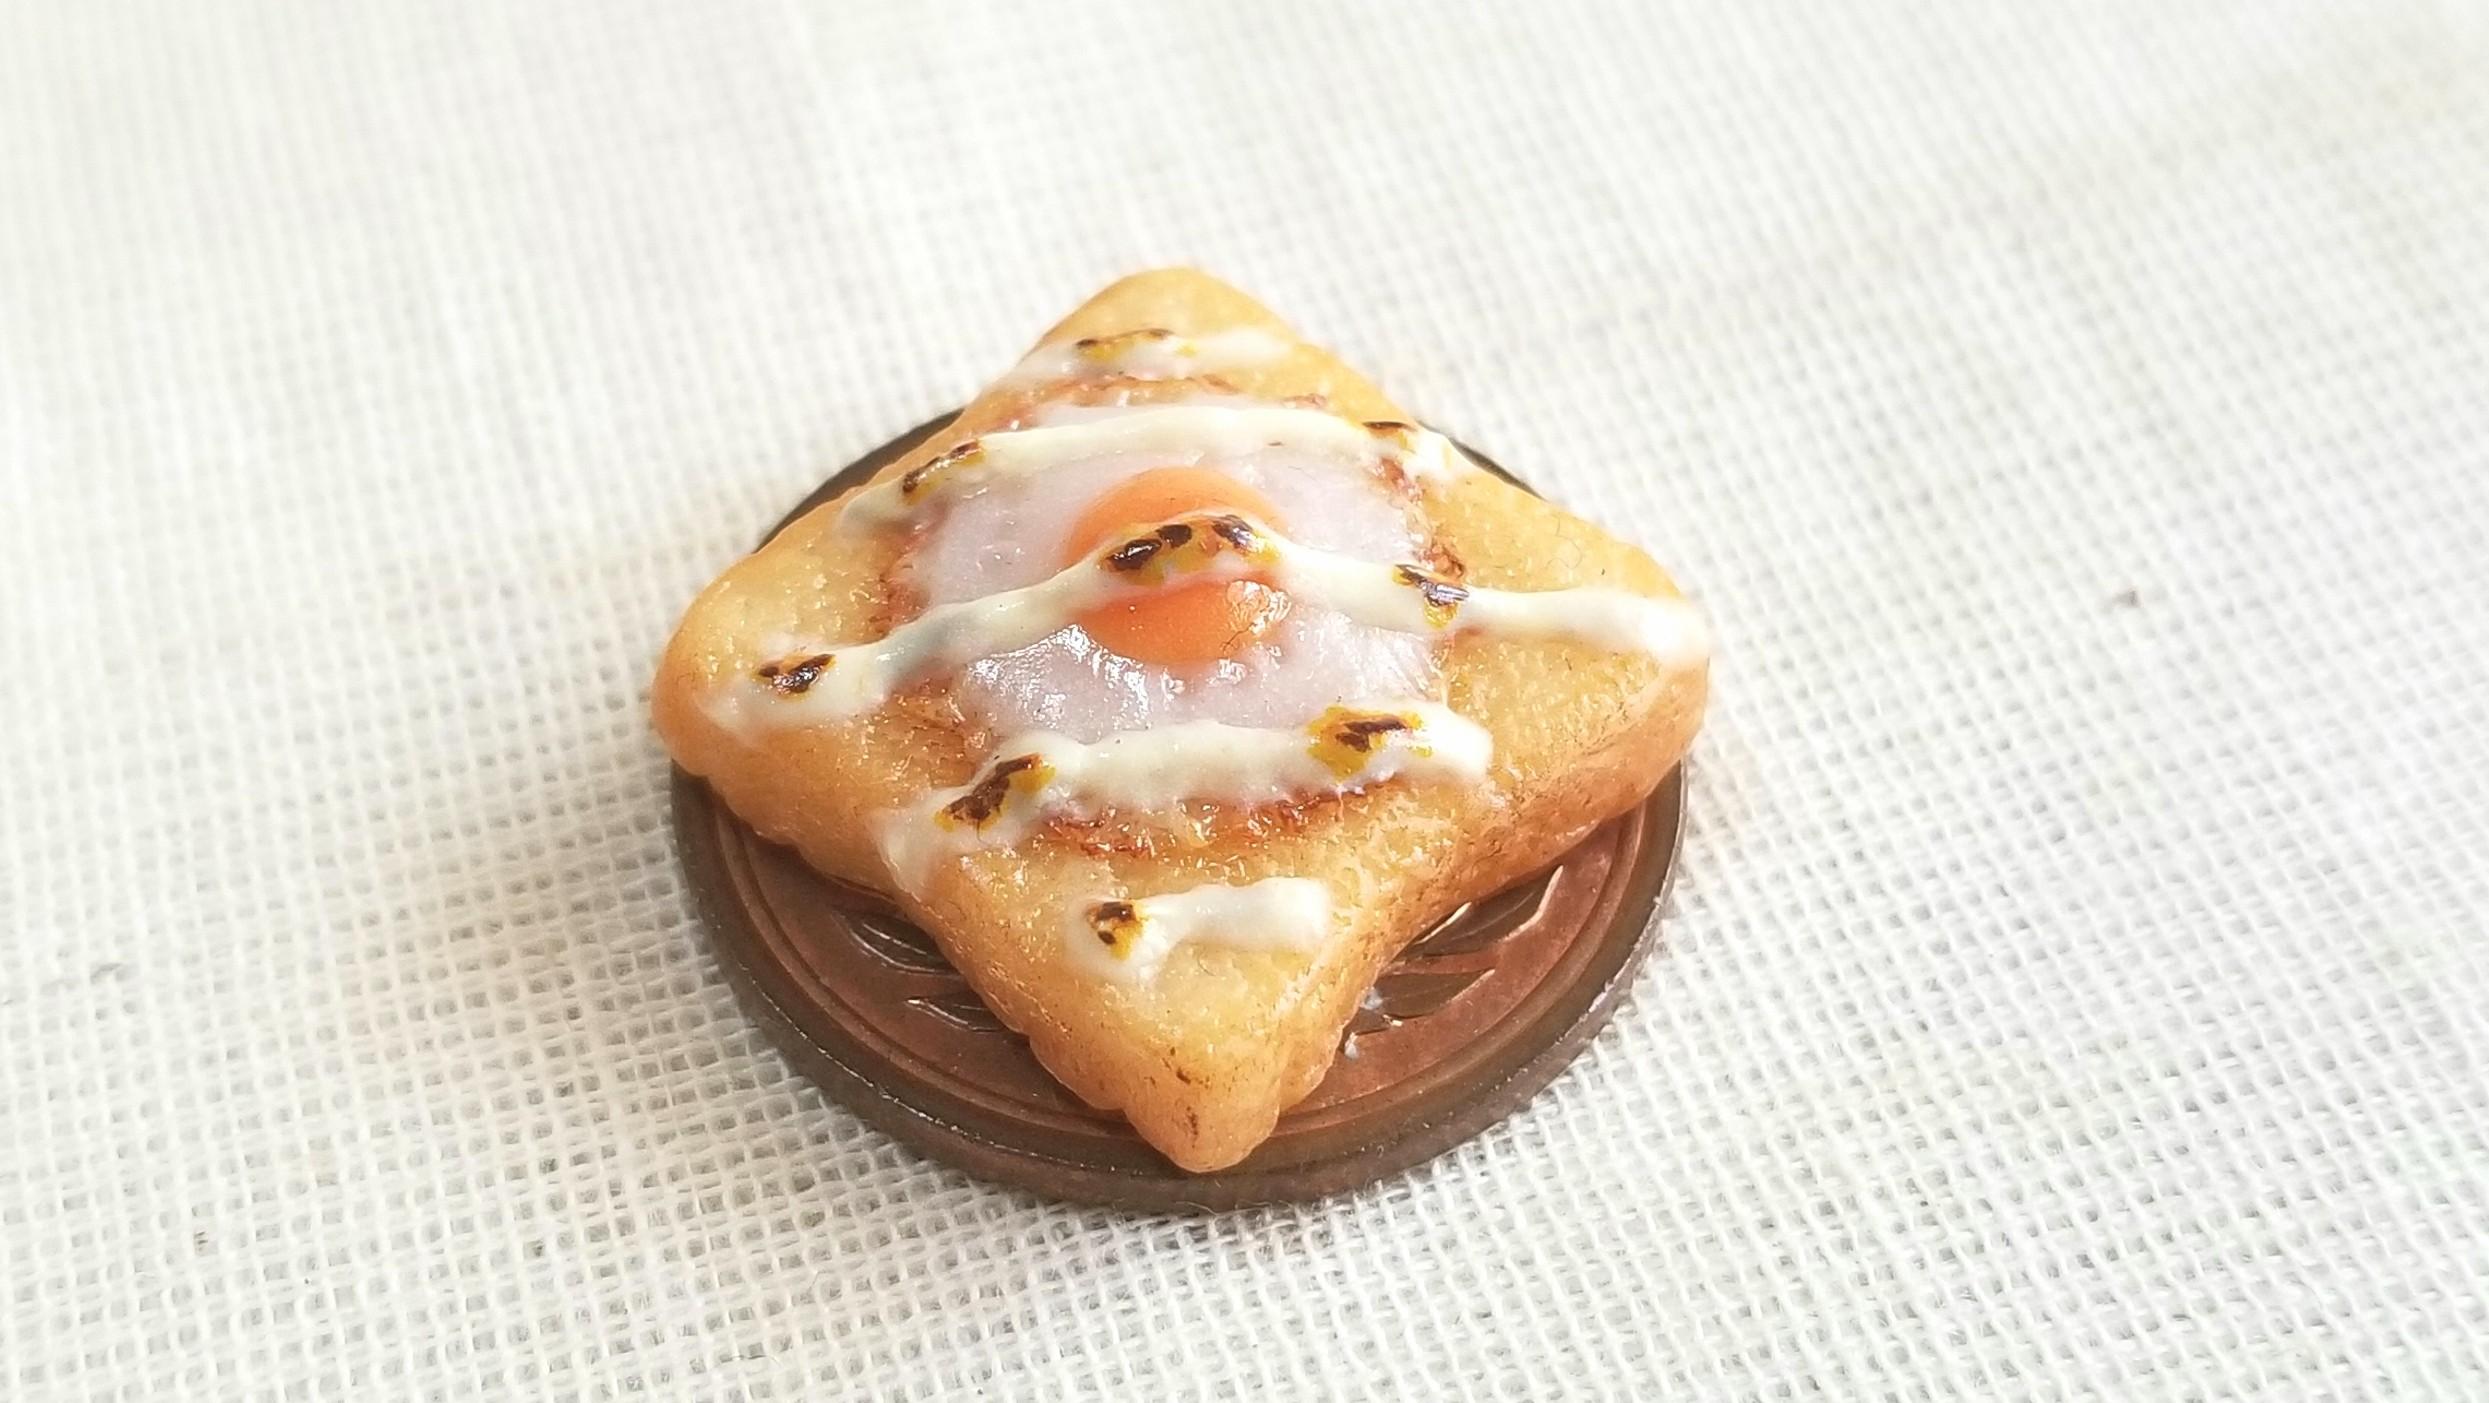 ミニチュア目玉焼きマヨネーズトースト,ミンネで販売中,ドール用小物